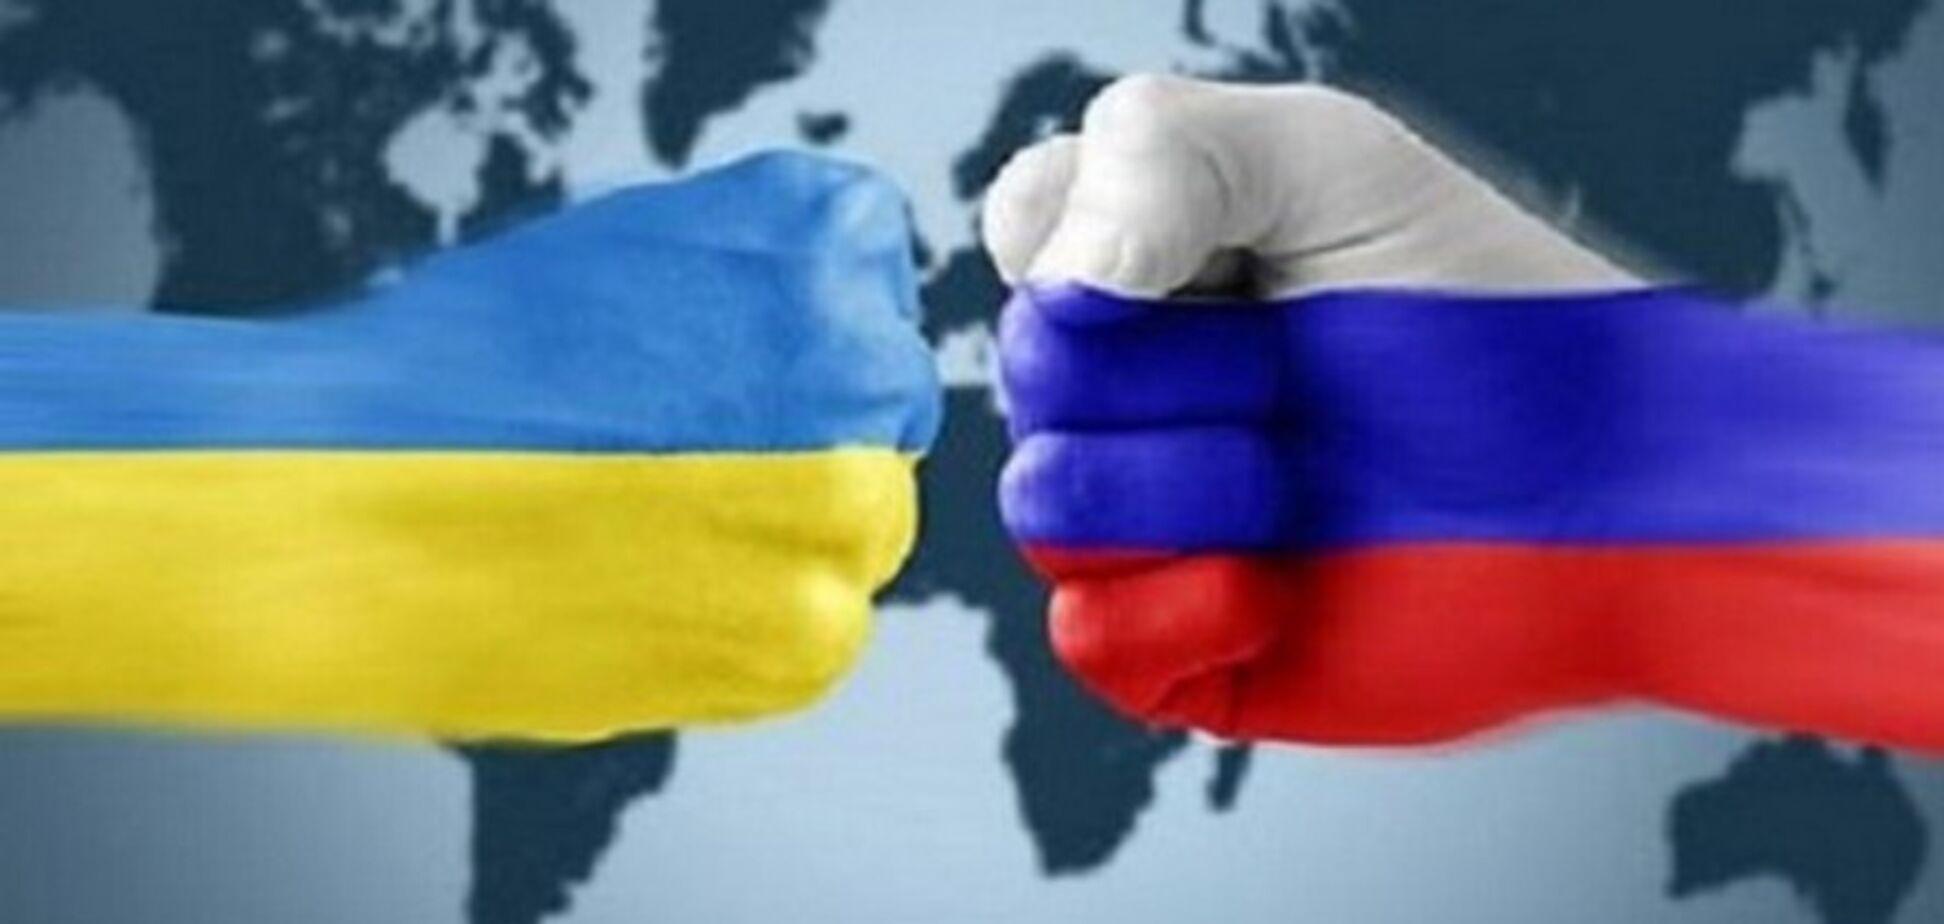 Спецслужбы России нанесли смертельный удар по Украине